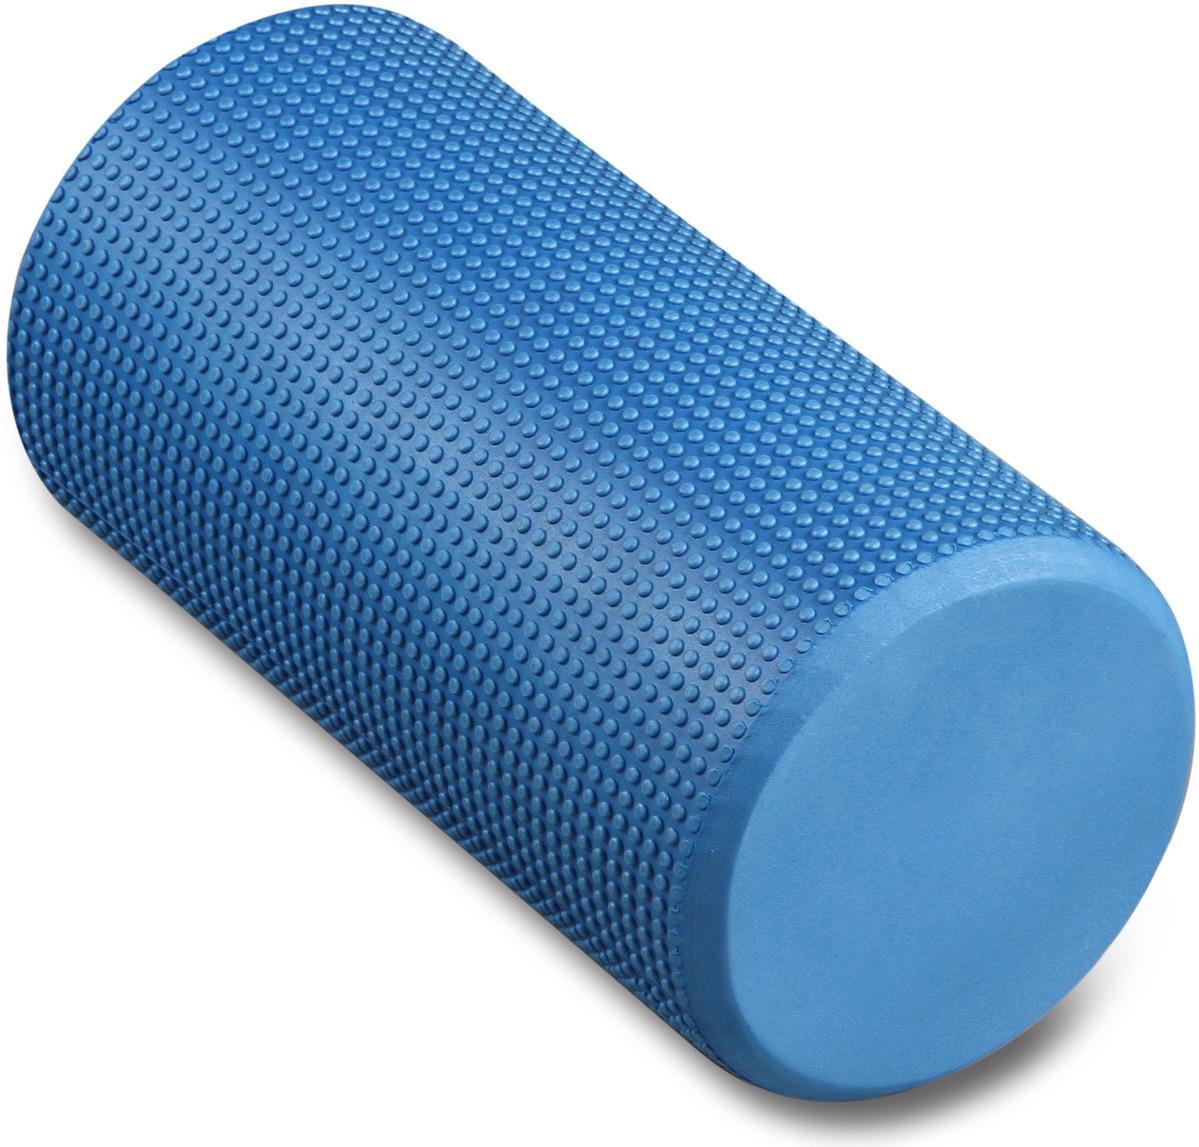 Ролик массажный для йоги Indigo, голубой, 15 х 30 см цена